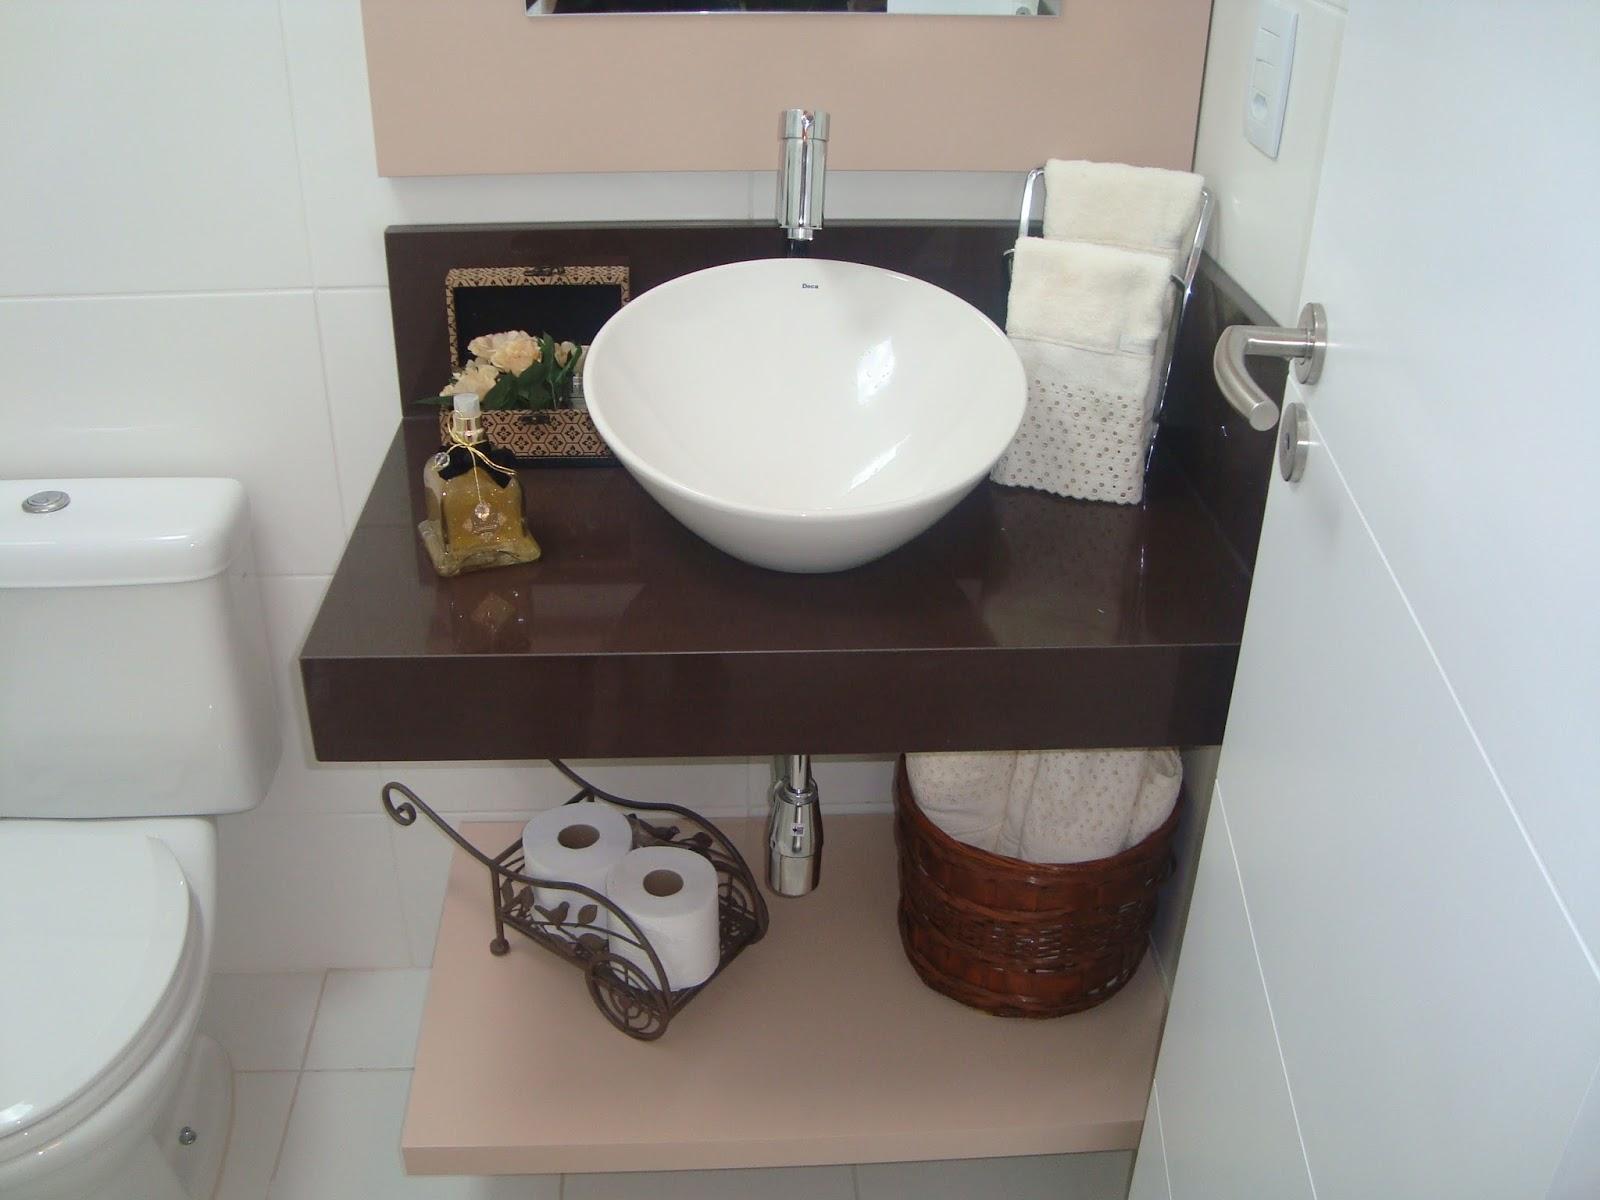 BANCADAS DE COZINHA E BANHEIRO #6B5C4C 1600x1200 Banheiro Amarelo Com Preto